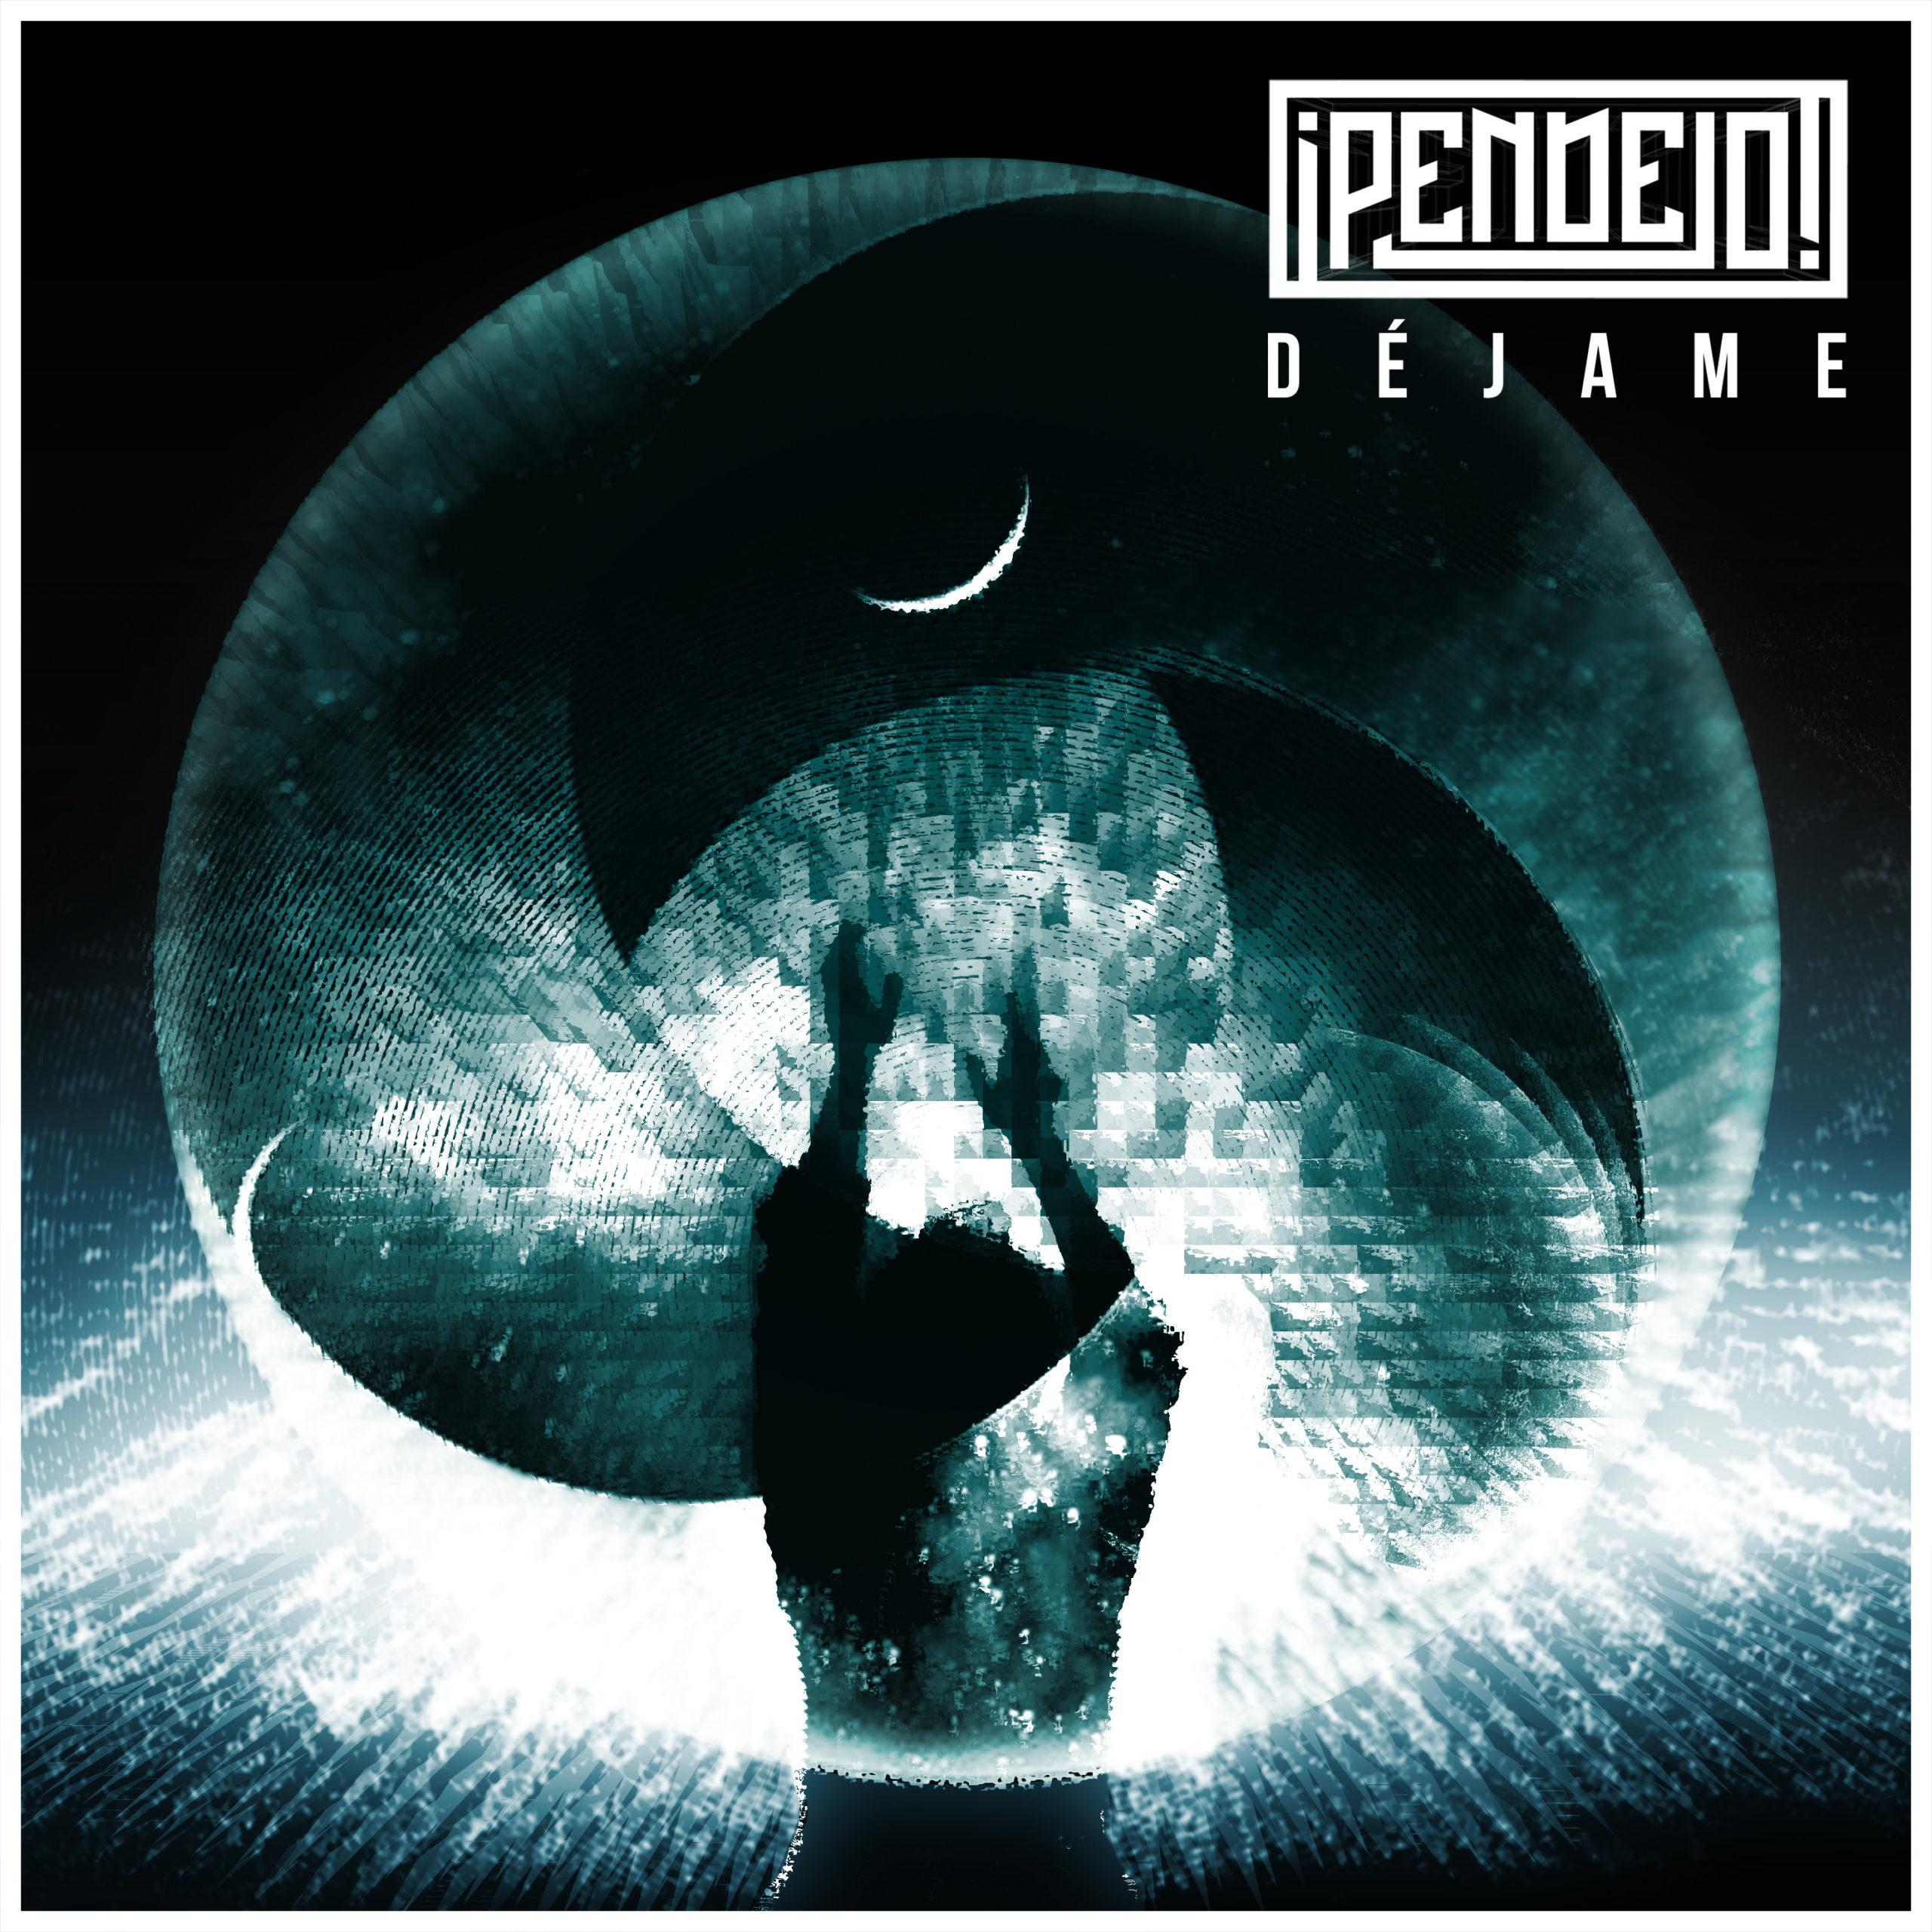 ¡PENDEJO! lanzan su versión de 'Déjame' (Mari Trini, 1970)